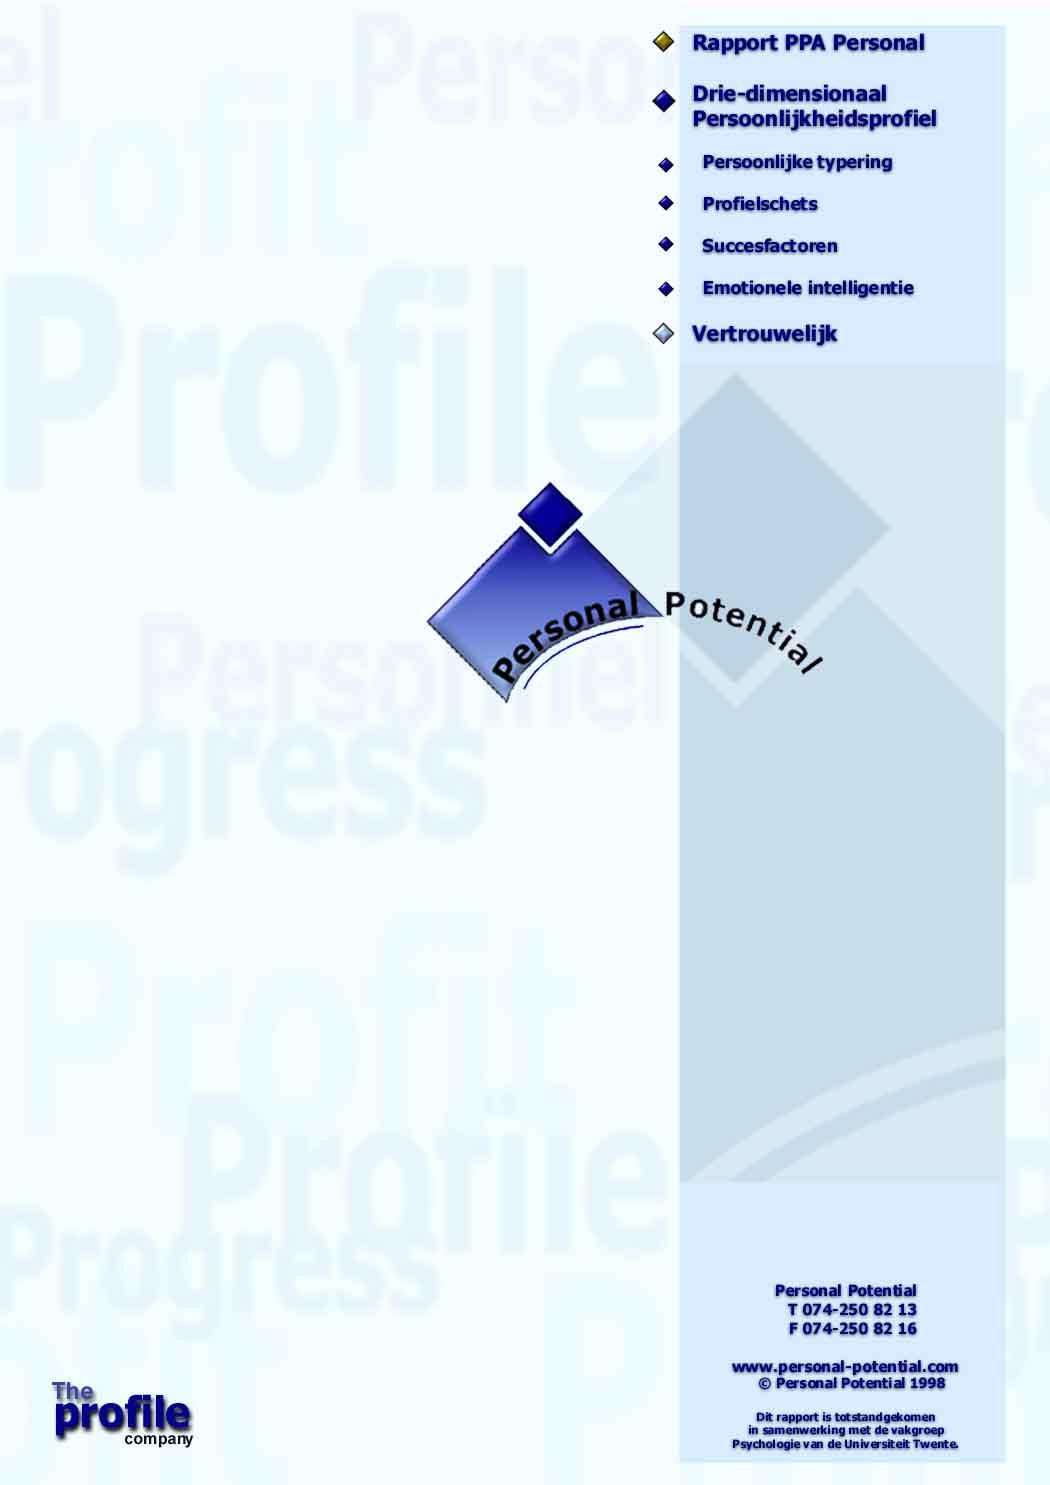 Demo versie van het rapport PPA Personal Premium